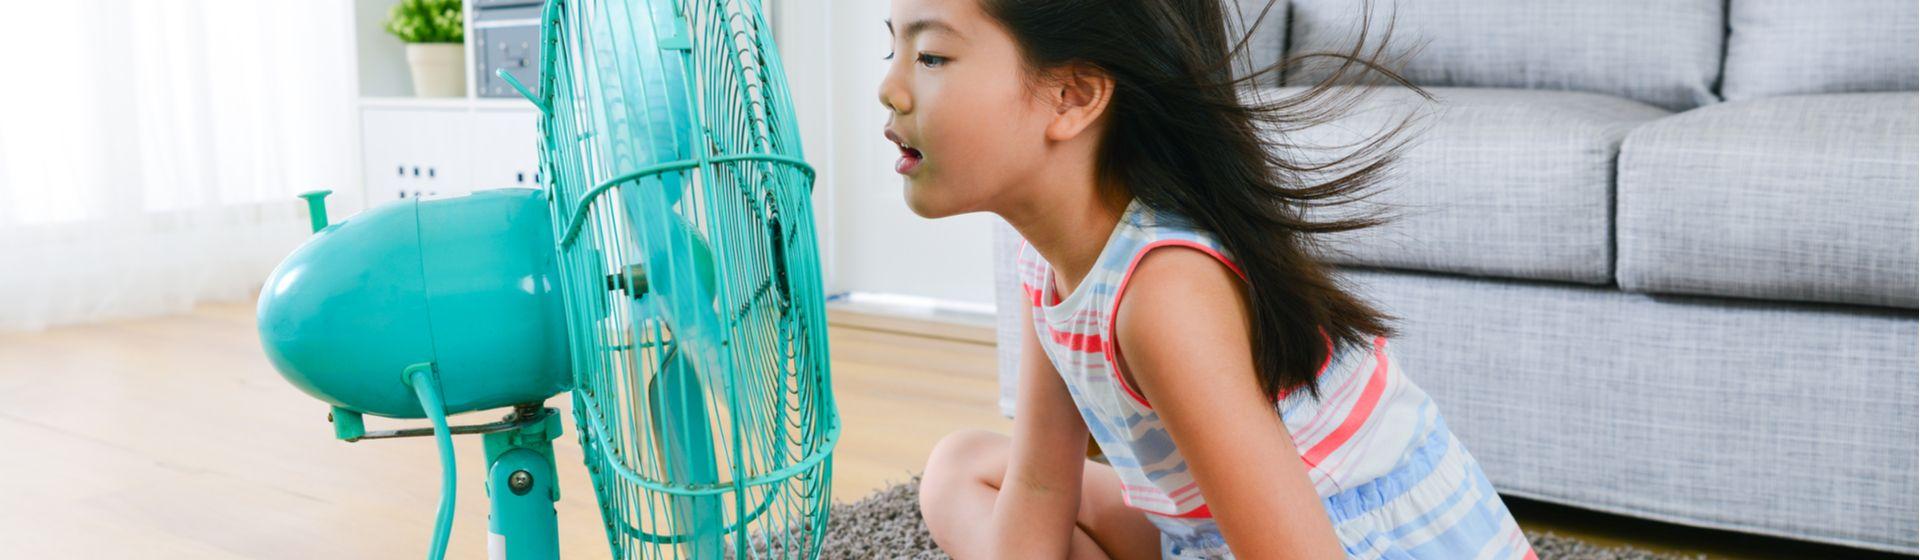 Climatizador ou ventilador: qual o melhor para os dias de calor?